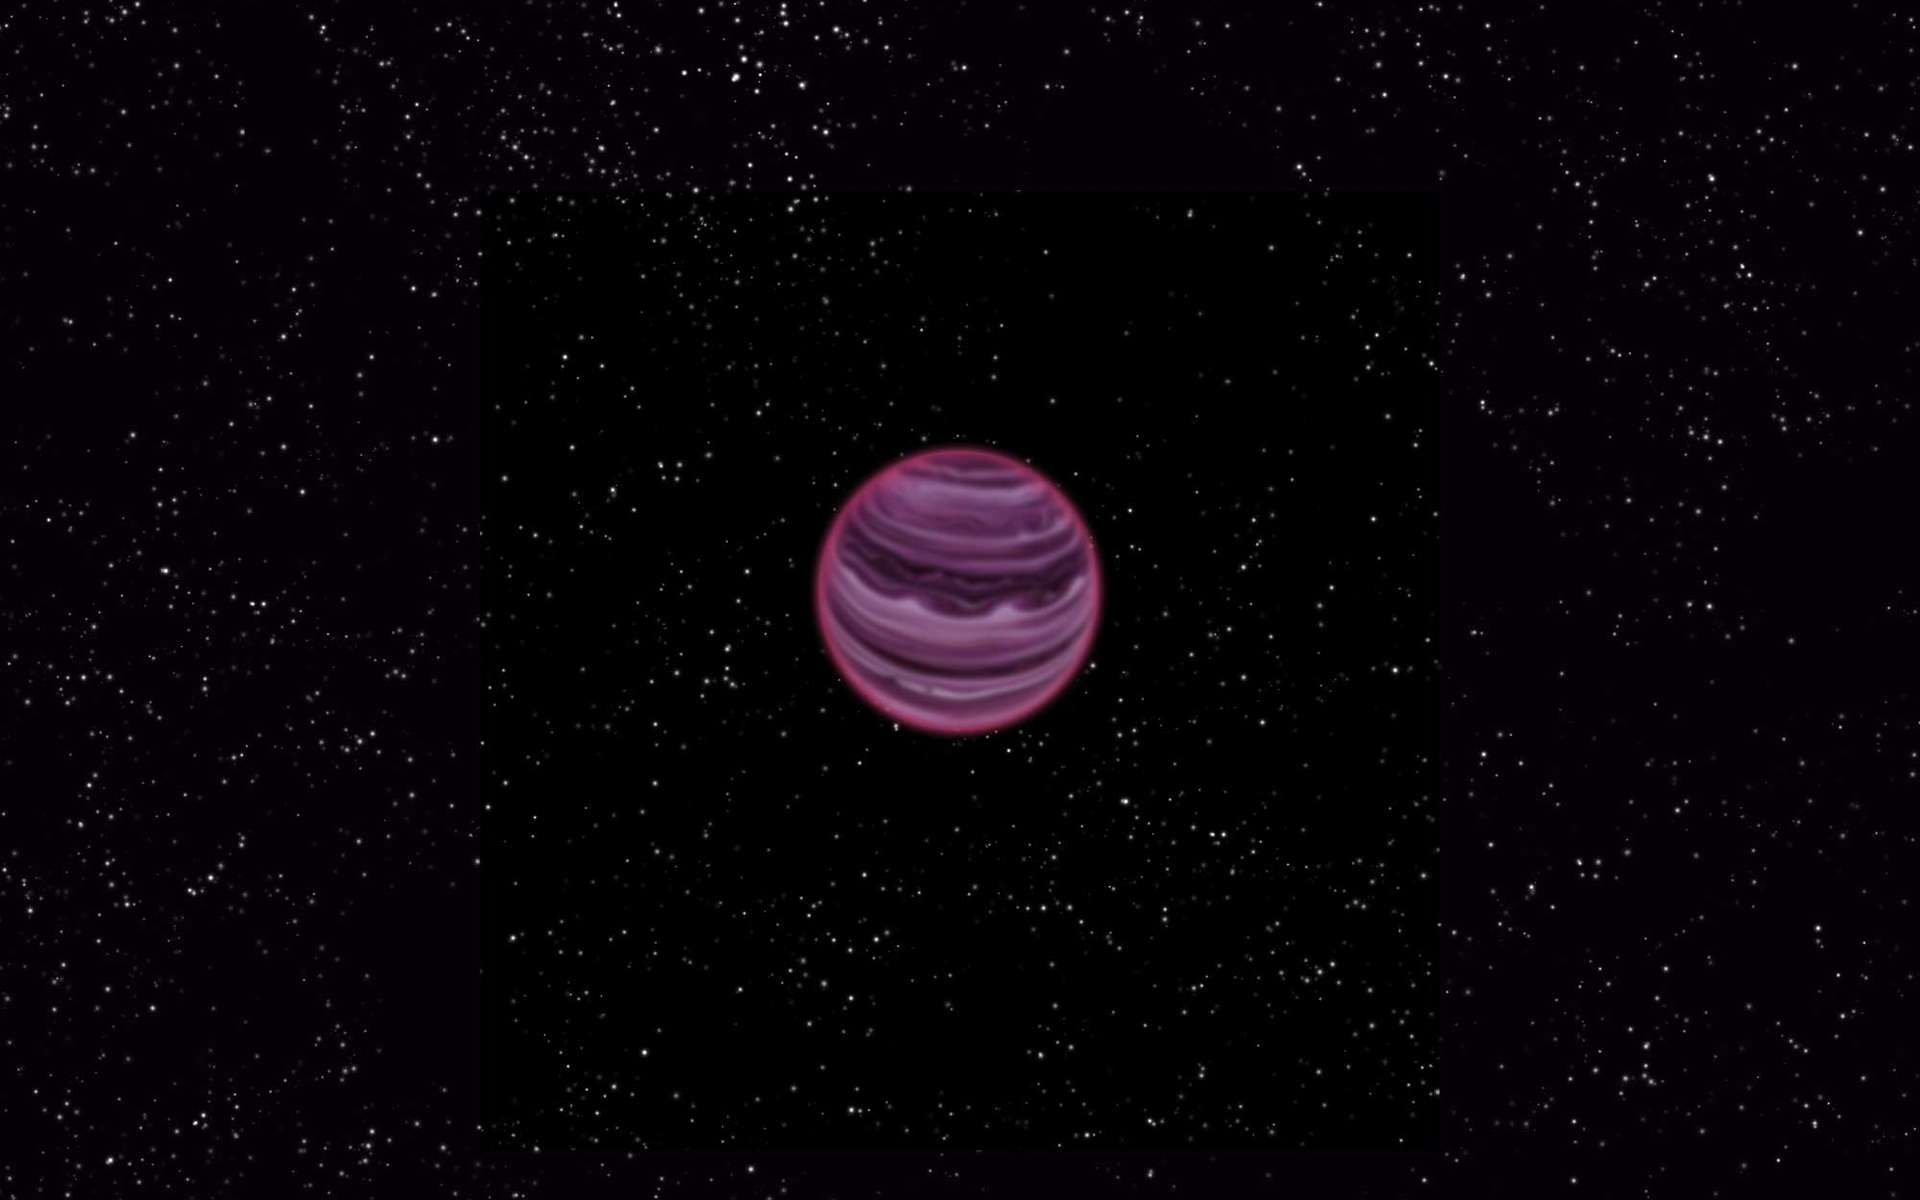 Une vue d'artiste de l'exoplanète PSO J318.5-22 errant en solitaire, sans étoile, à 80 années-lumière de la Terre. Elle est très jeune (12 millions d'années) et bien moins chaude qu'une étoile (800 °C). © V. Ch. Quetz, MPIA